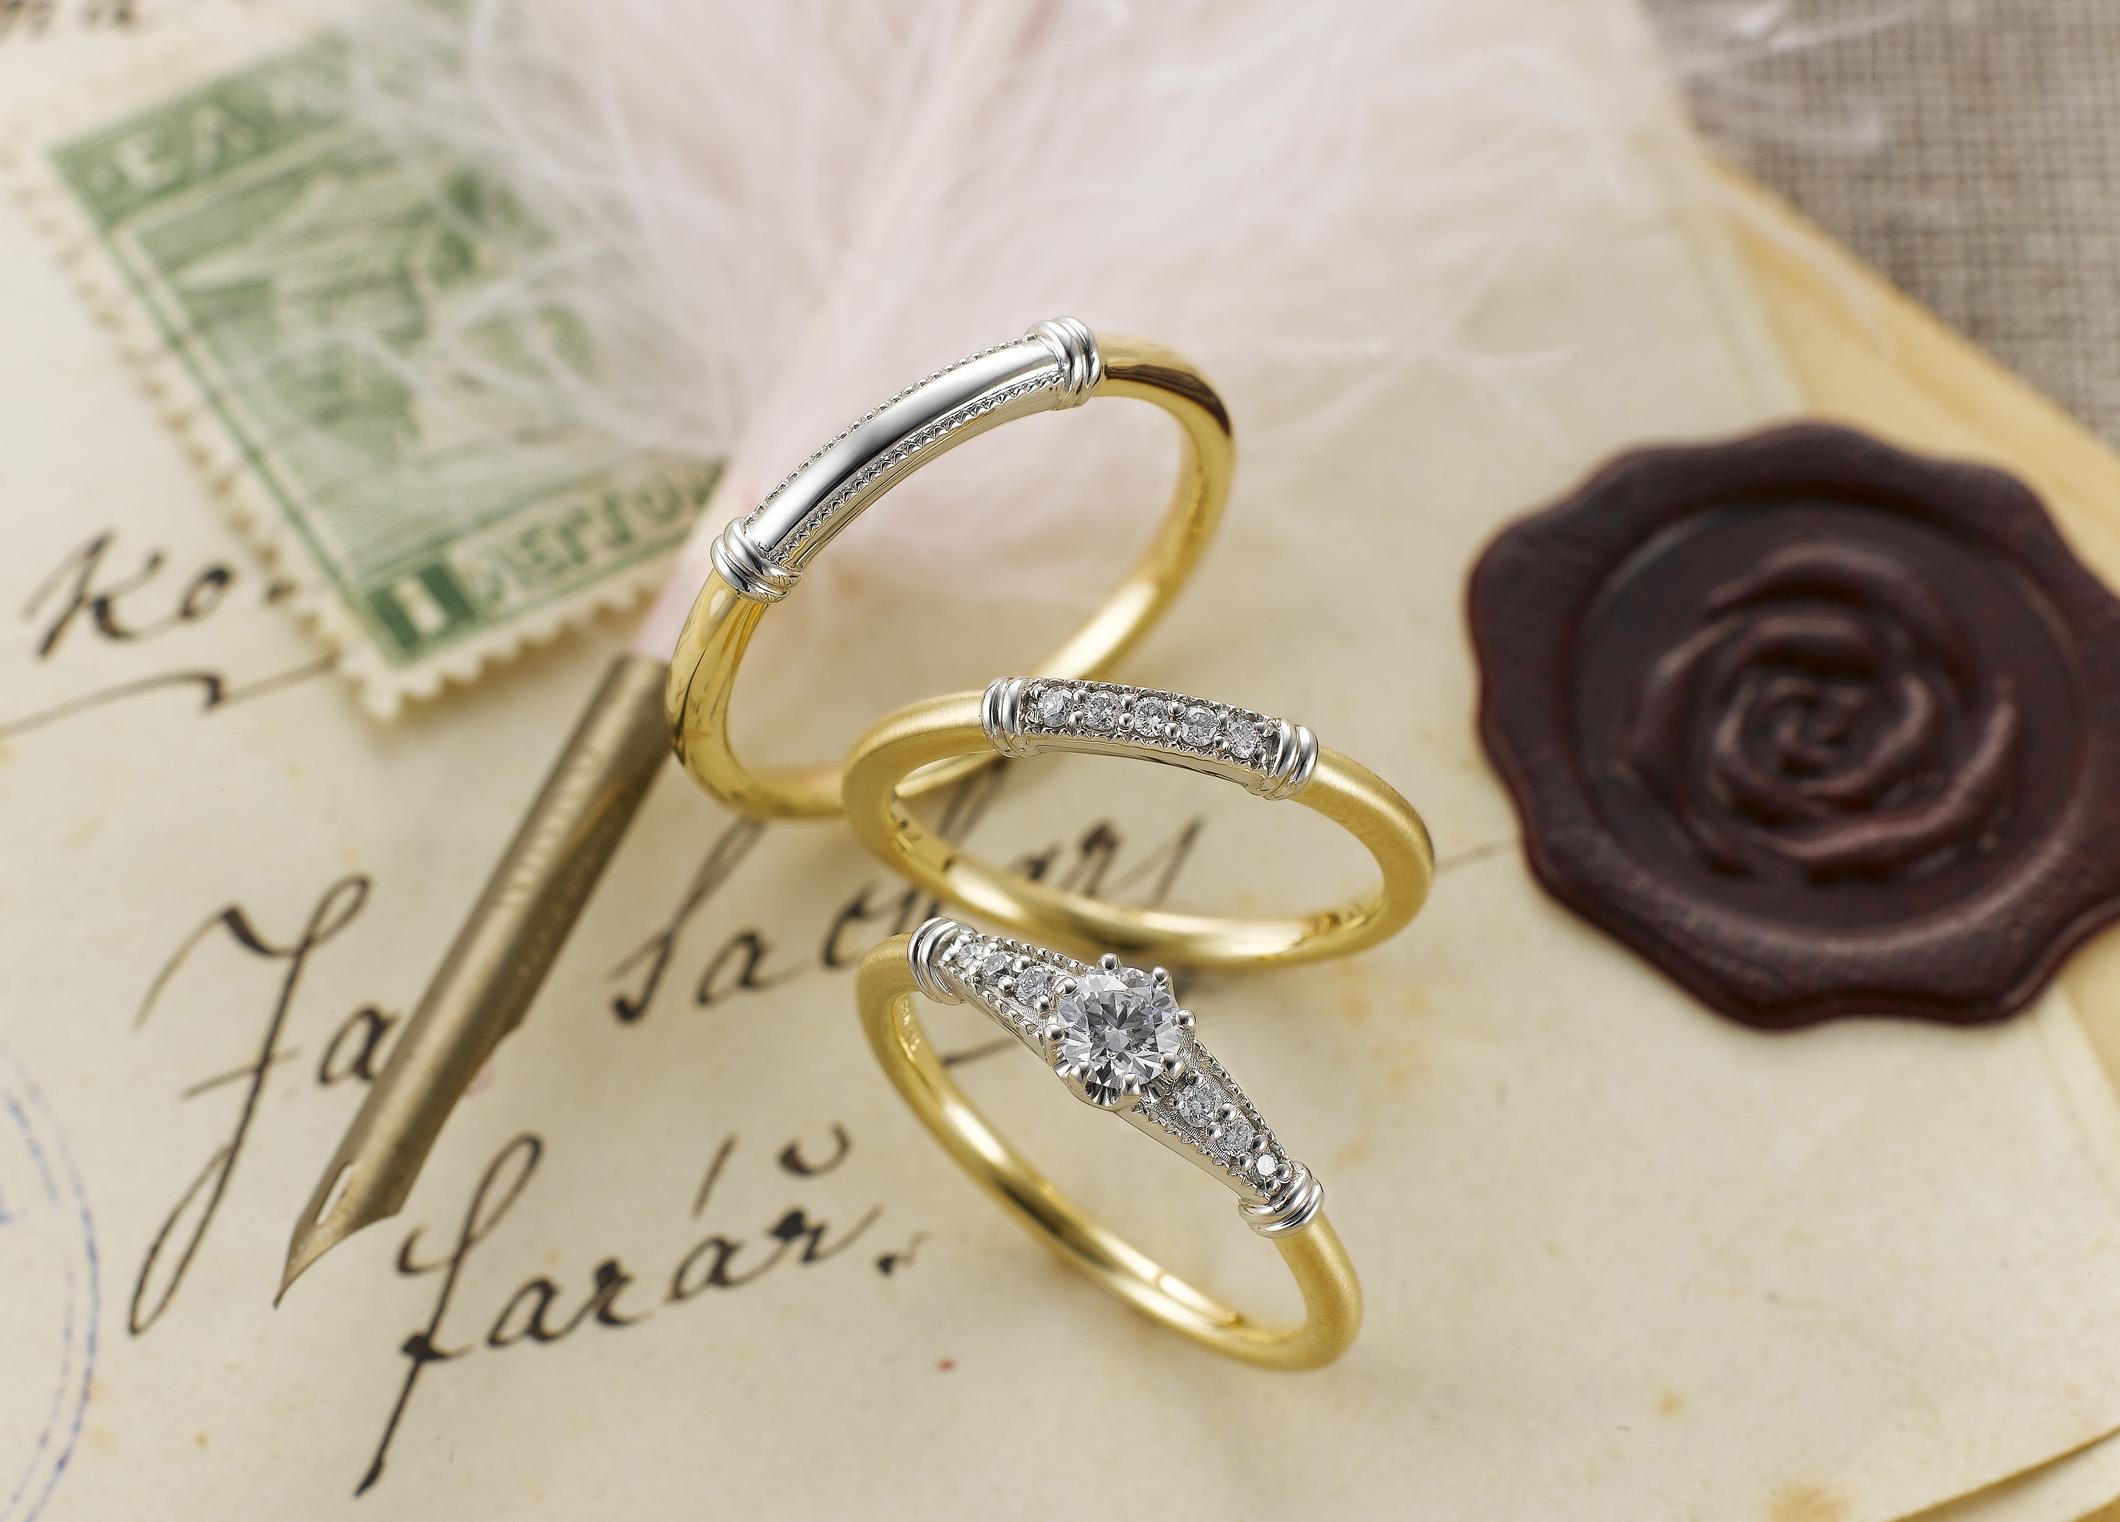 シンプルなデザインから個性溢れるデザインも♡静岡市にあるSirena Azzurro〈セイレーン アズーロ〉の結婚指輪が素敵!